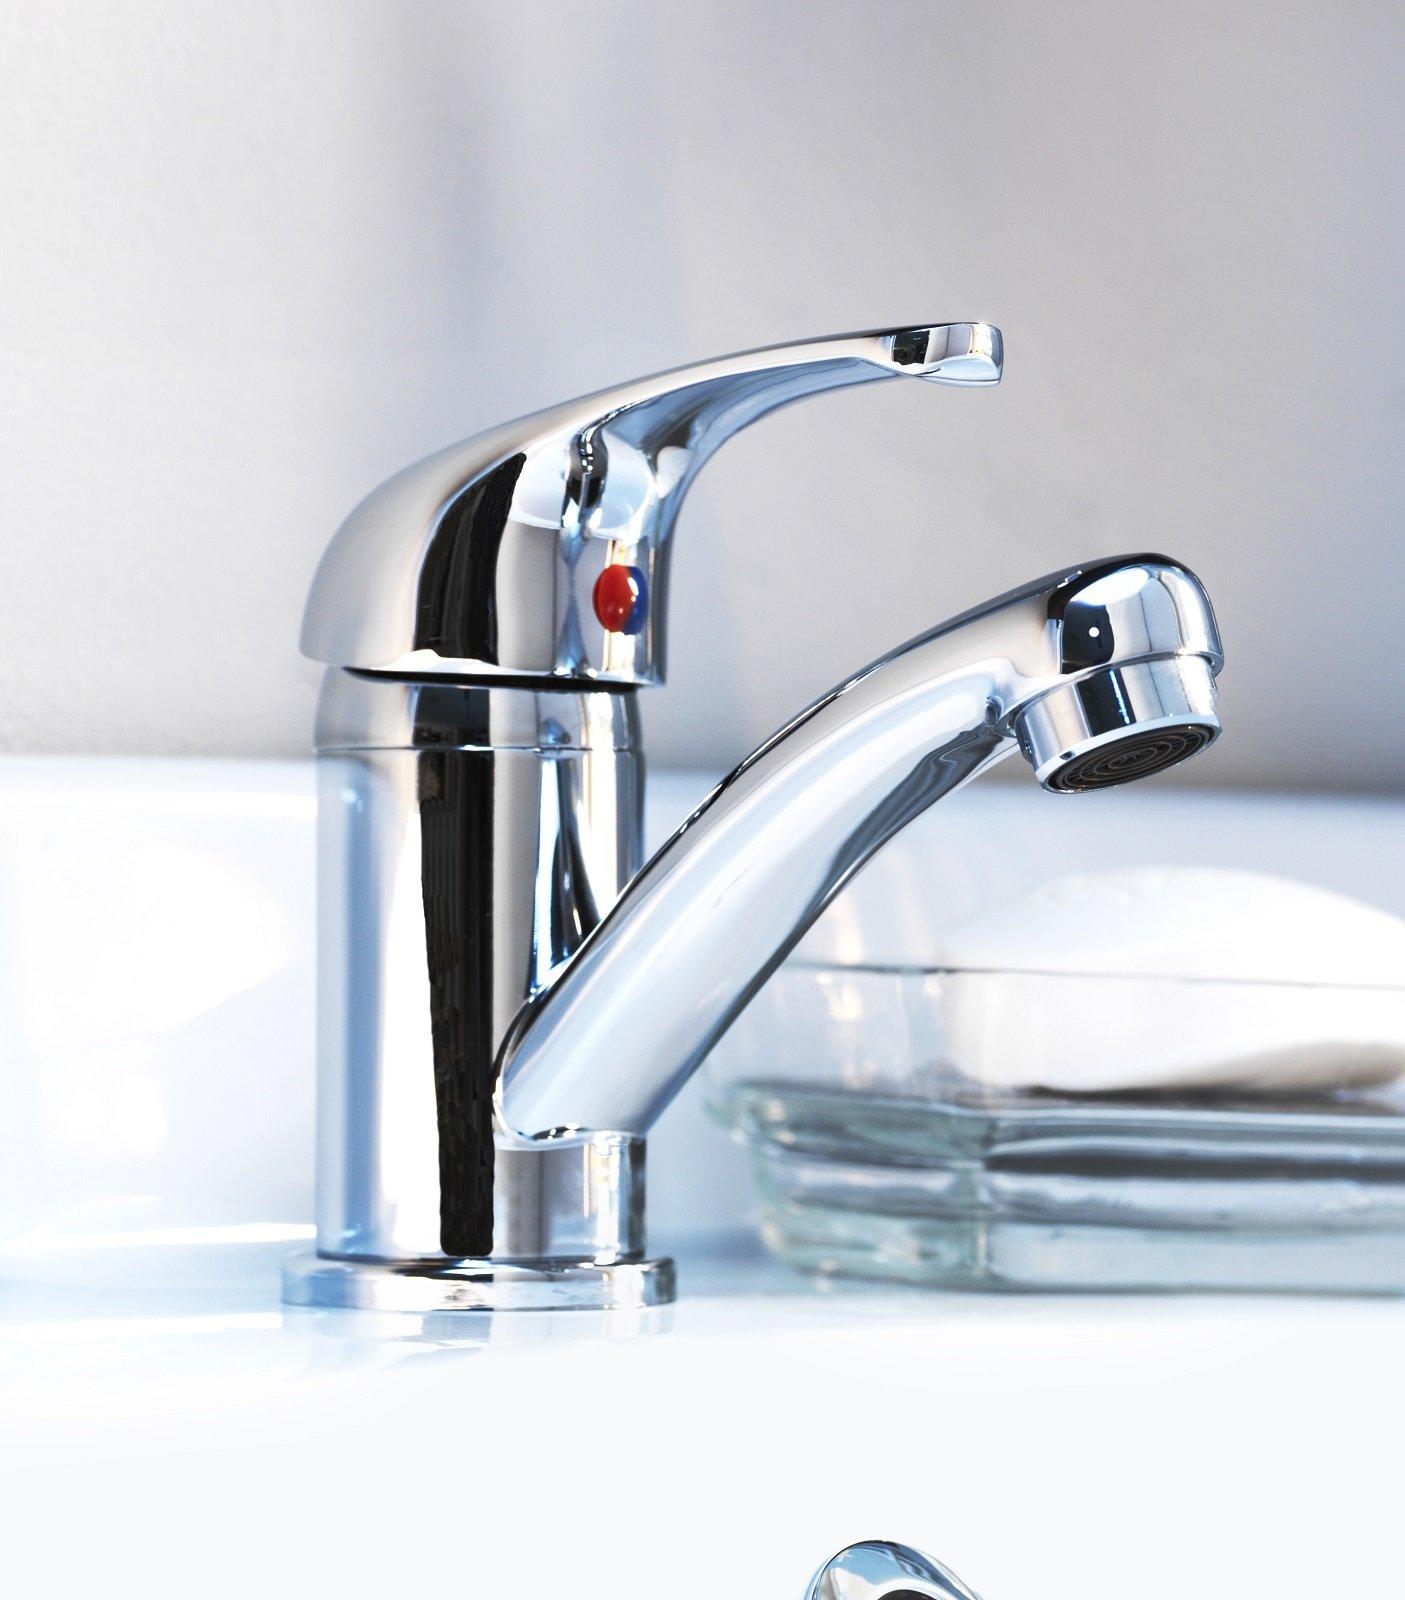 Rinnovare il bagno con modelli a prezzi convenienti - Sanitari bagno prezzi ikea ...